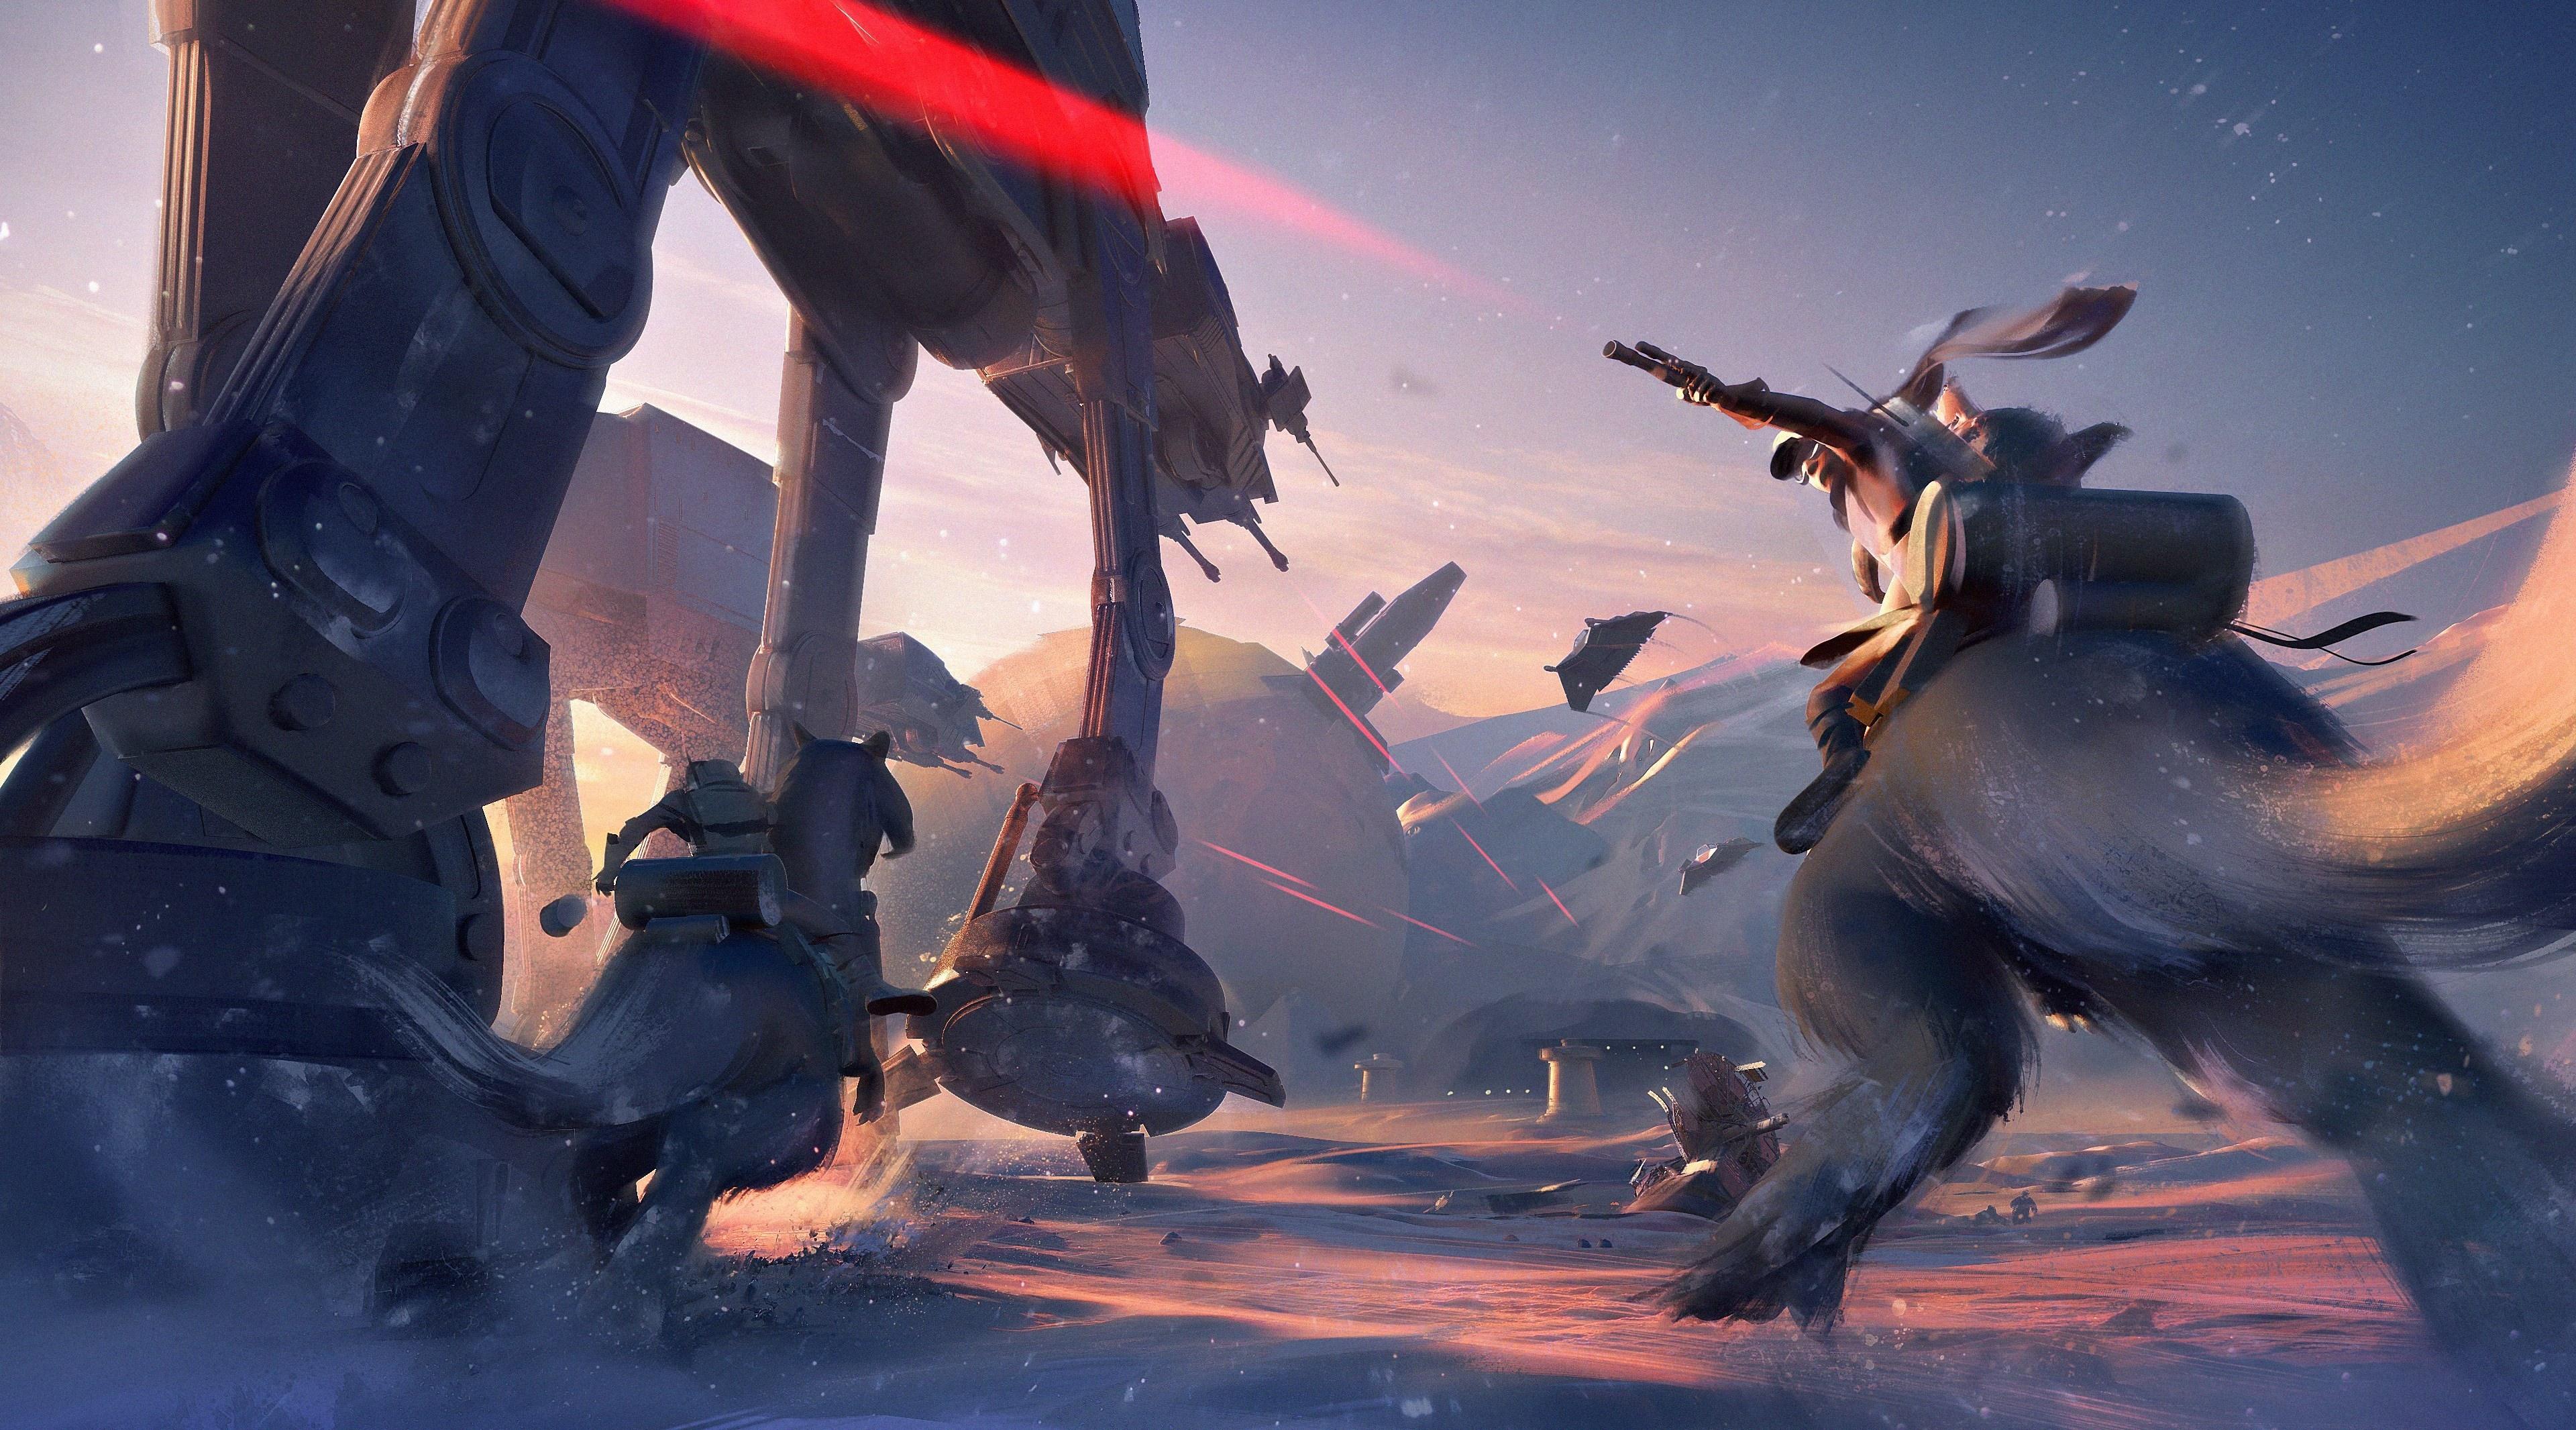 Star Wars Battlefront 2 Background: AT AT Walker Star Wars Battlefront II, HD Games, 4k